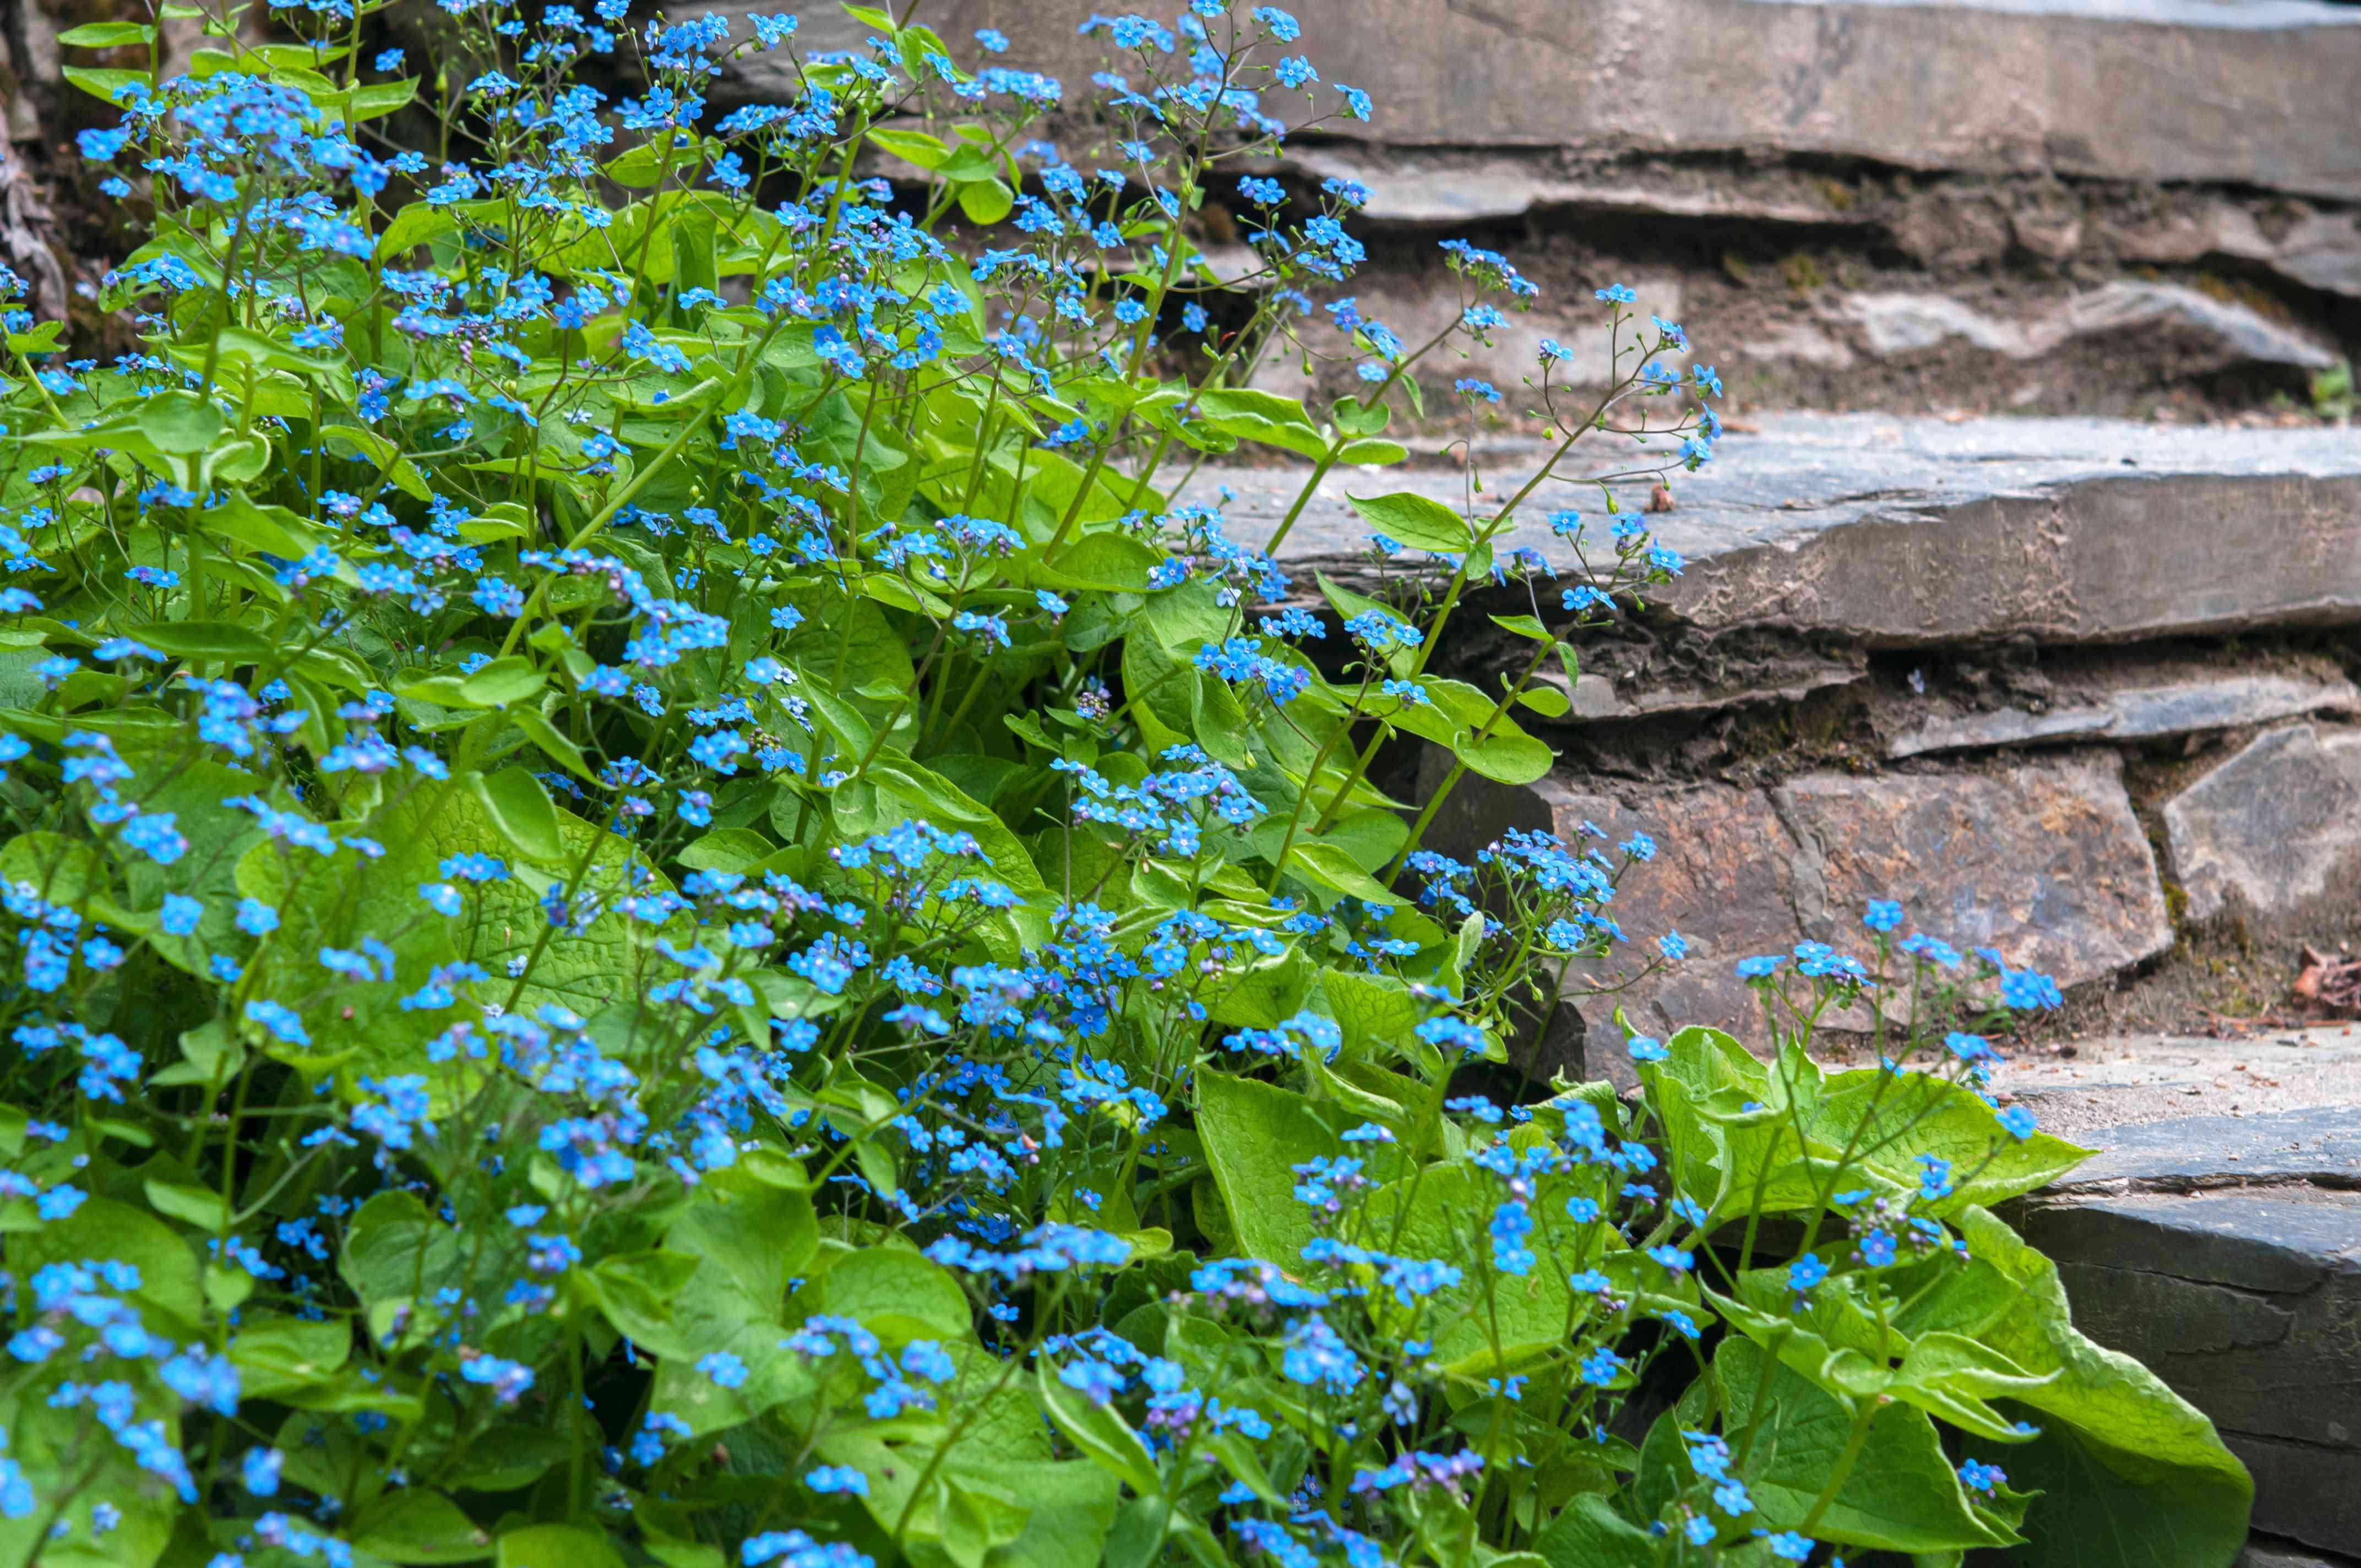 brunnera growing by rocks